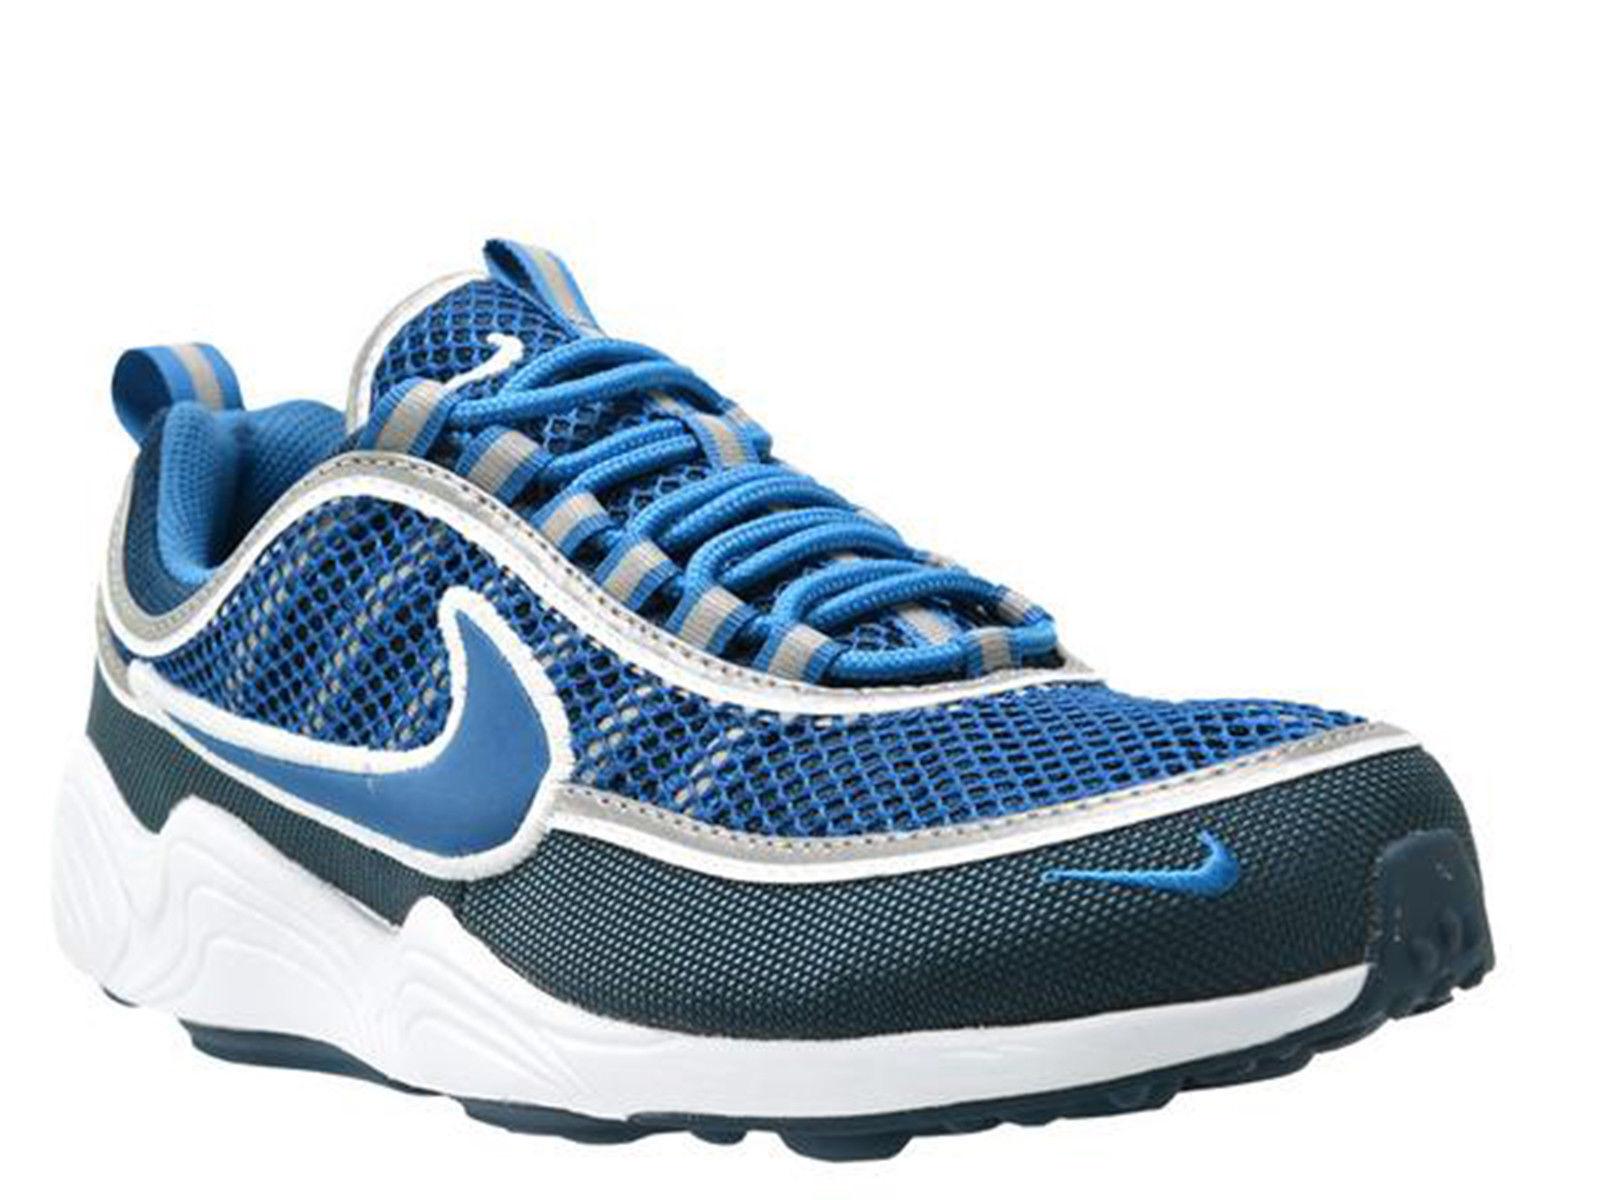 NIB Hombre Nike Air Zoom Spiridon' 926955 400 Azul marino 160 / azul Zapatillas Zapatillas 160 marino 43c062